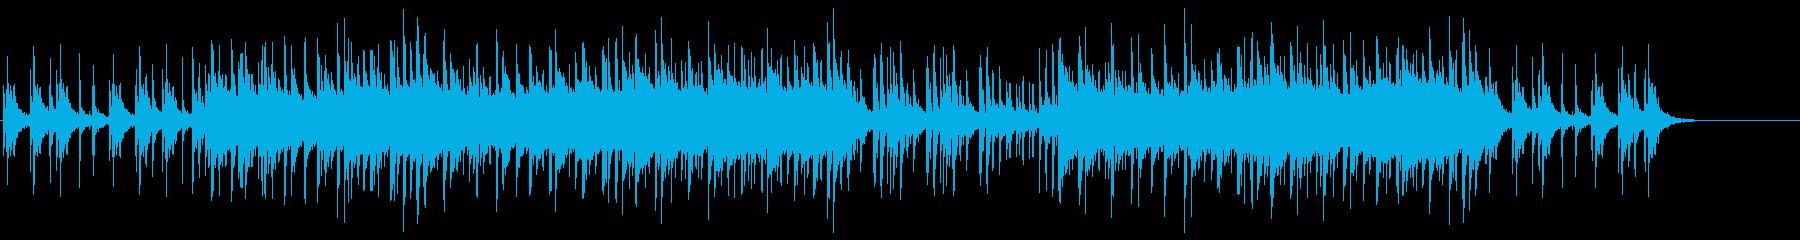 【Gt抜】三味線のロックEDMの再生済みの波形